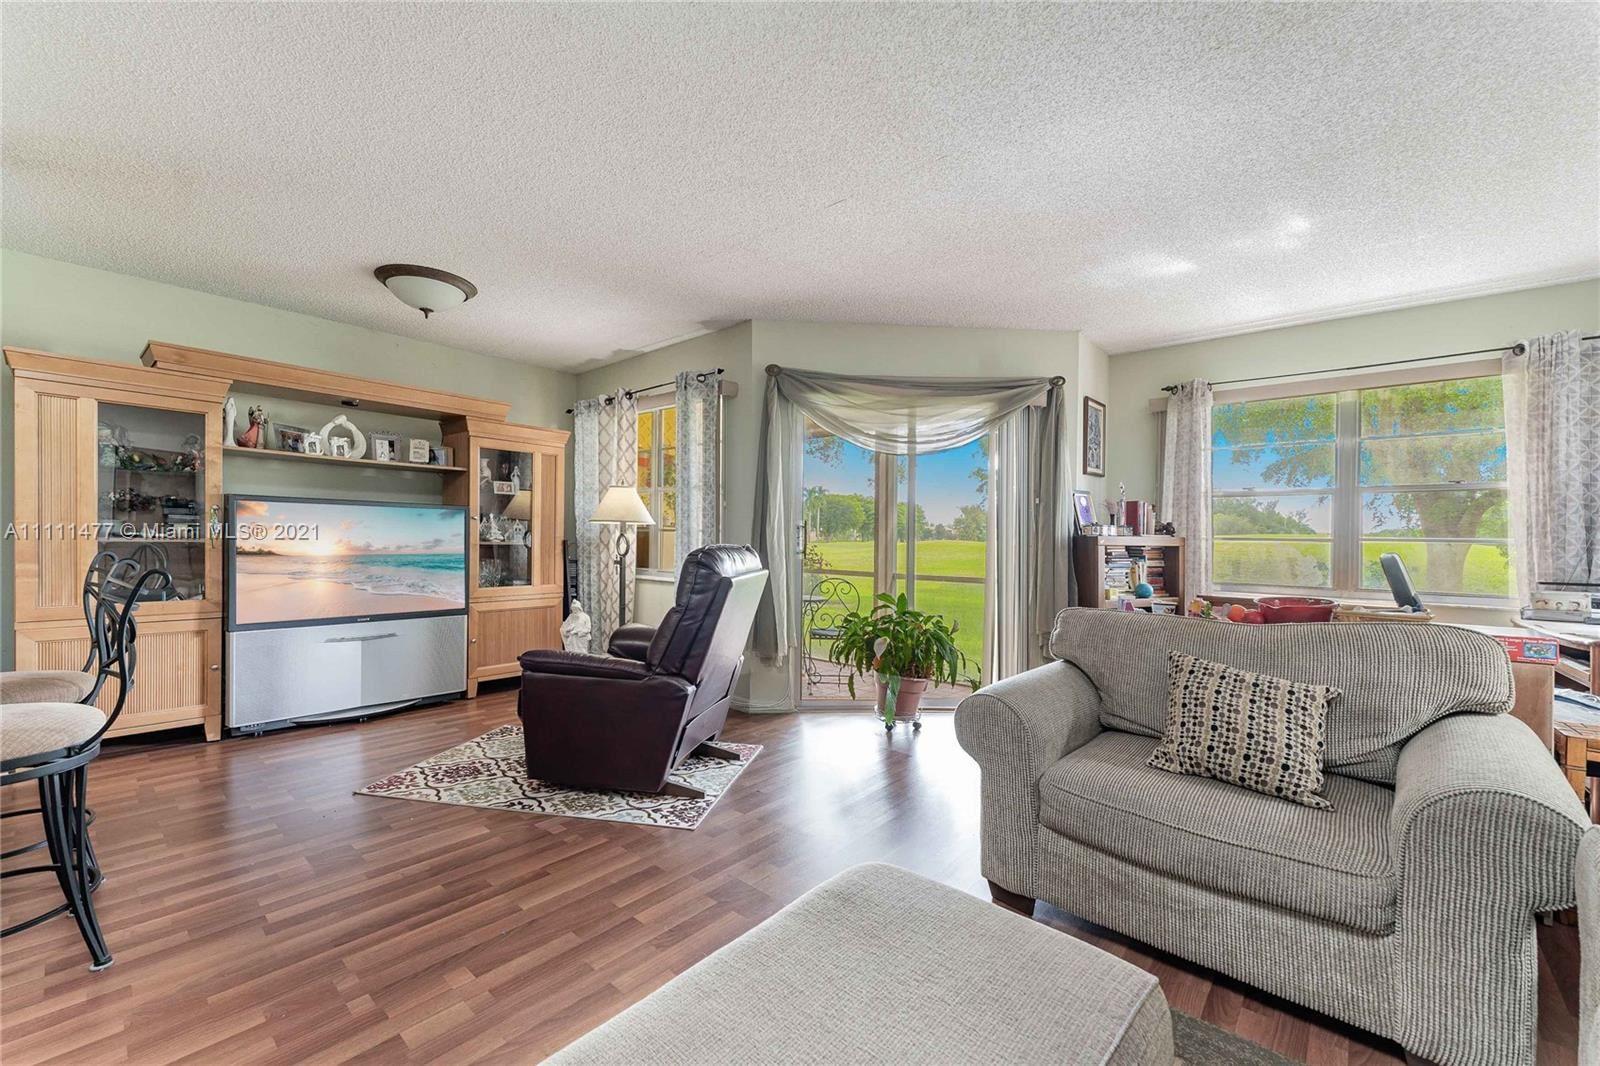 12800 SW 7th Ct #112G, Pembroke Pines, FL 33027 - #: A11111477